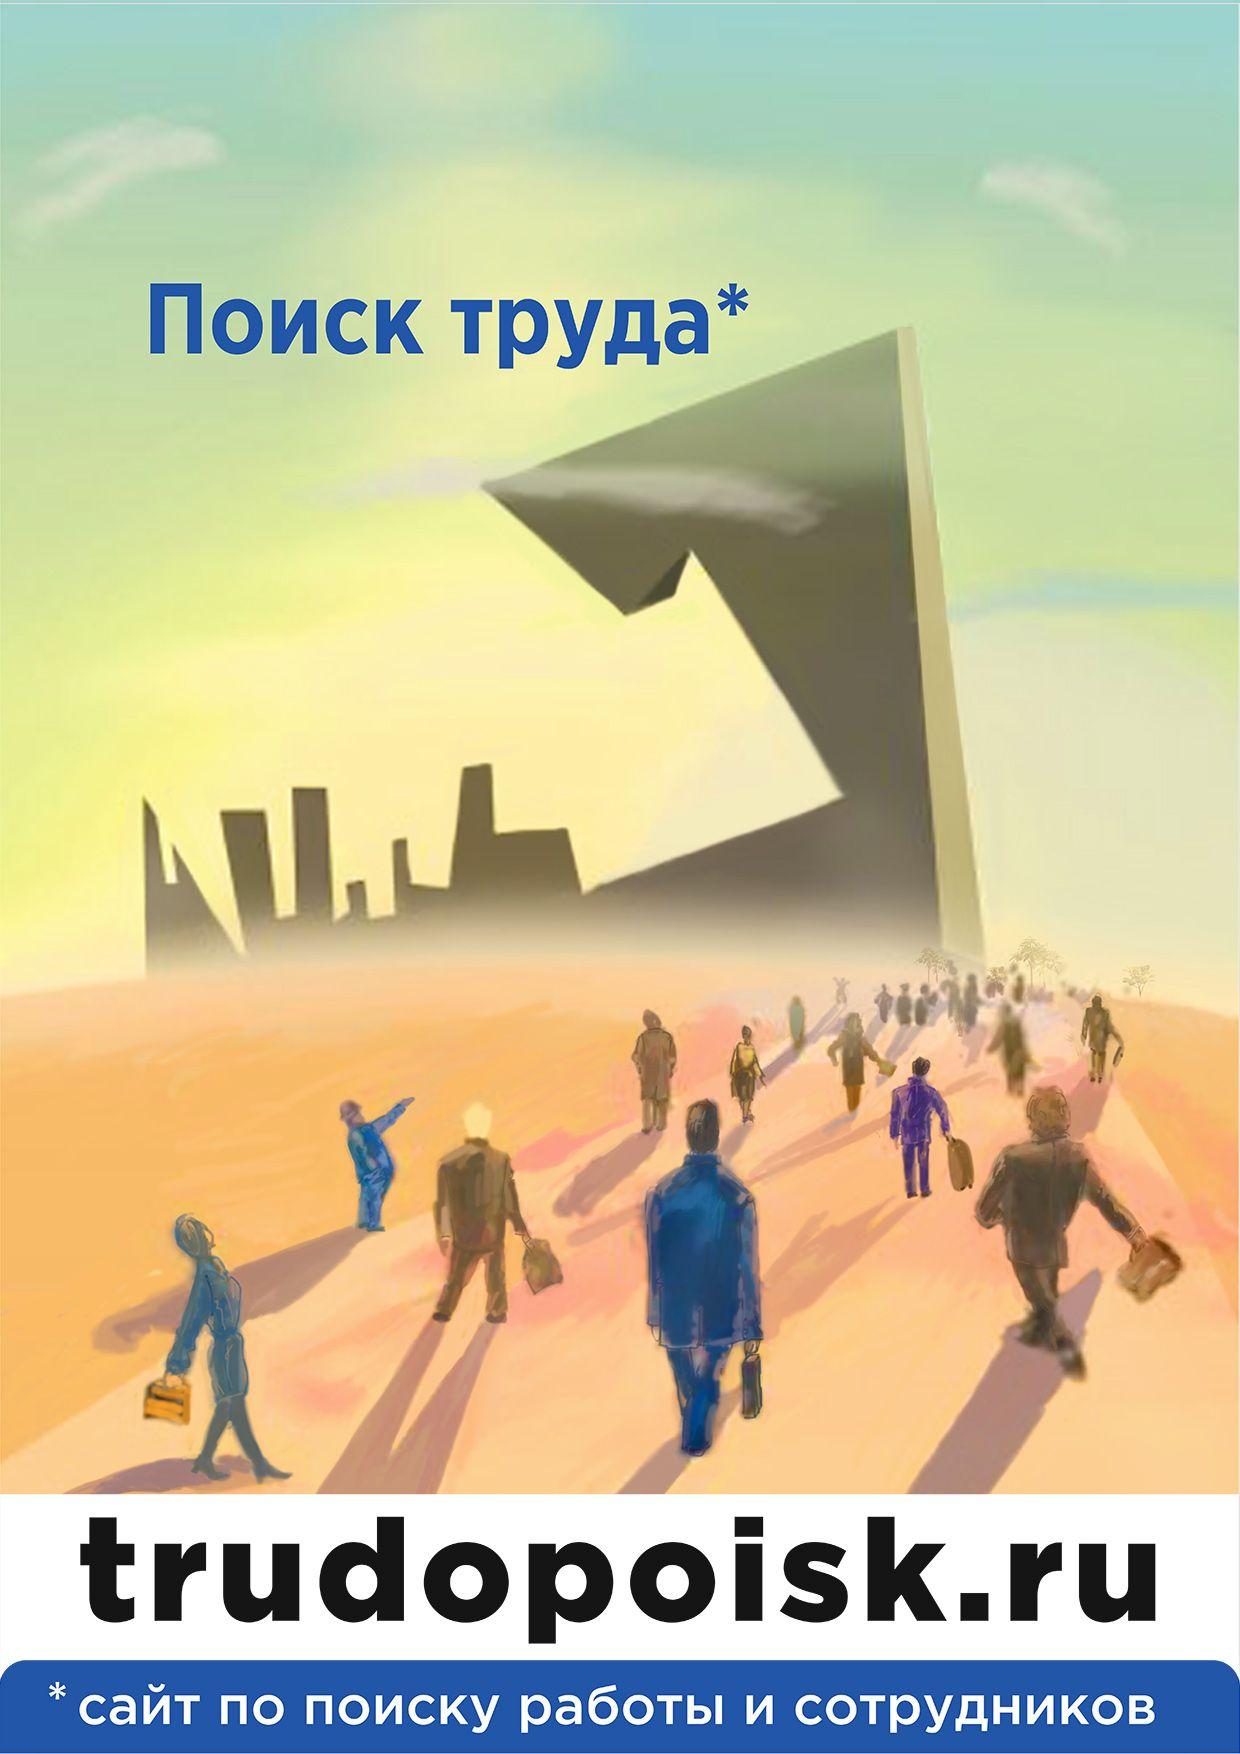 Креатив для постера Трудопоиск.ру  - дизайнер Dia